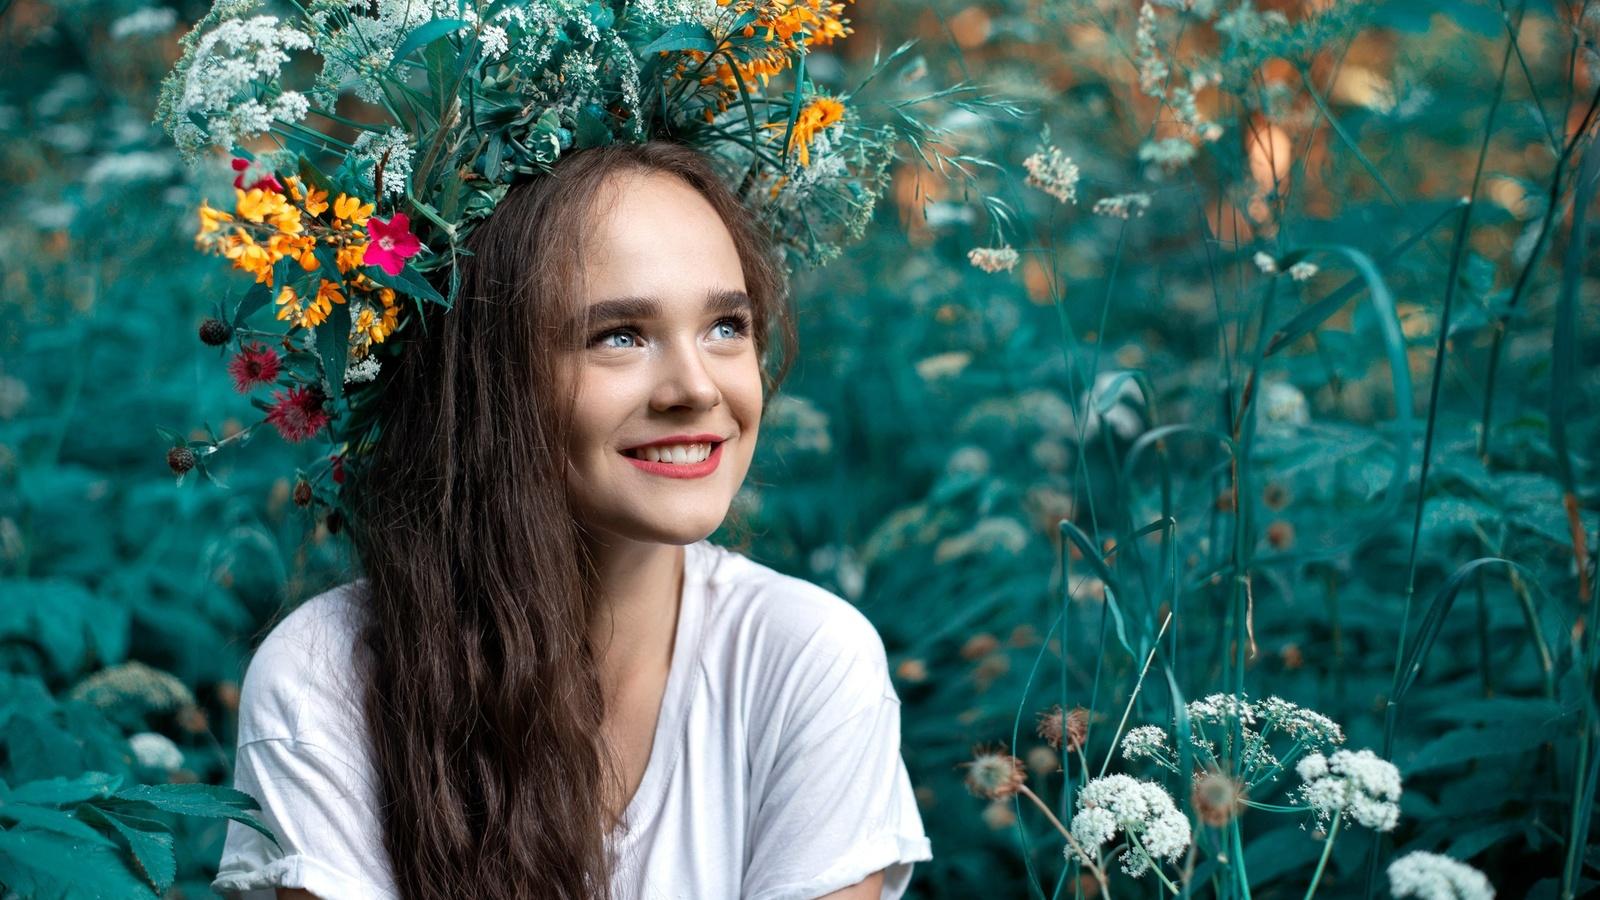 девушка, длинные волосы, настроение, на природе, высокая трава, цветы, улыбка, взгляд, венок, лето